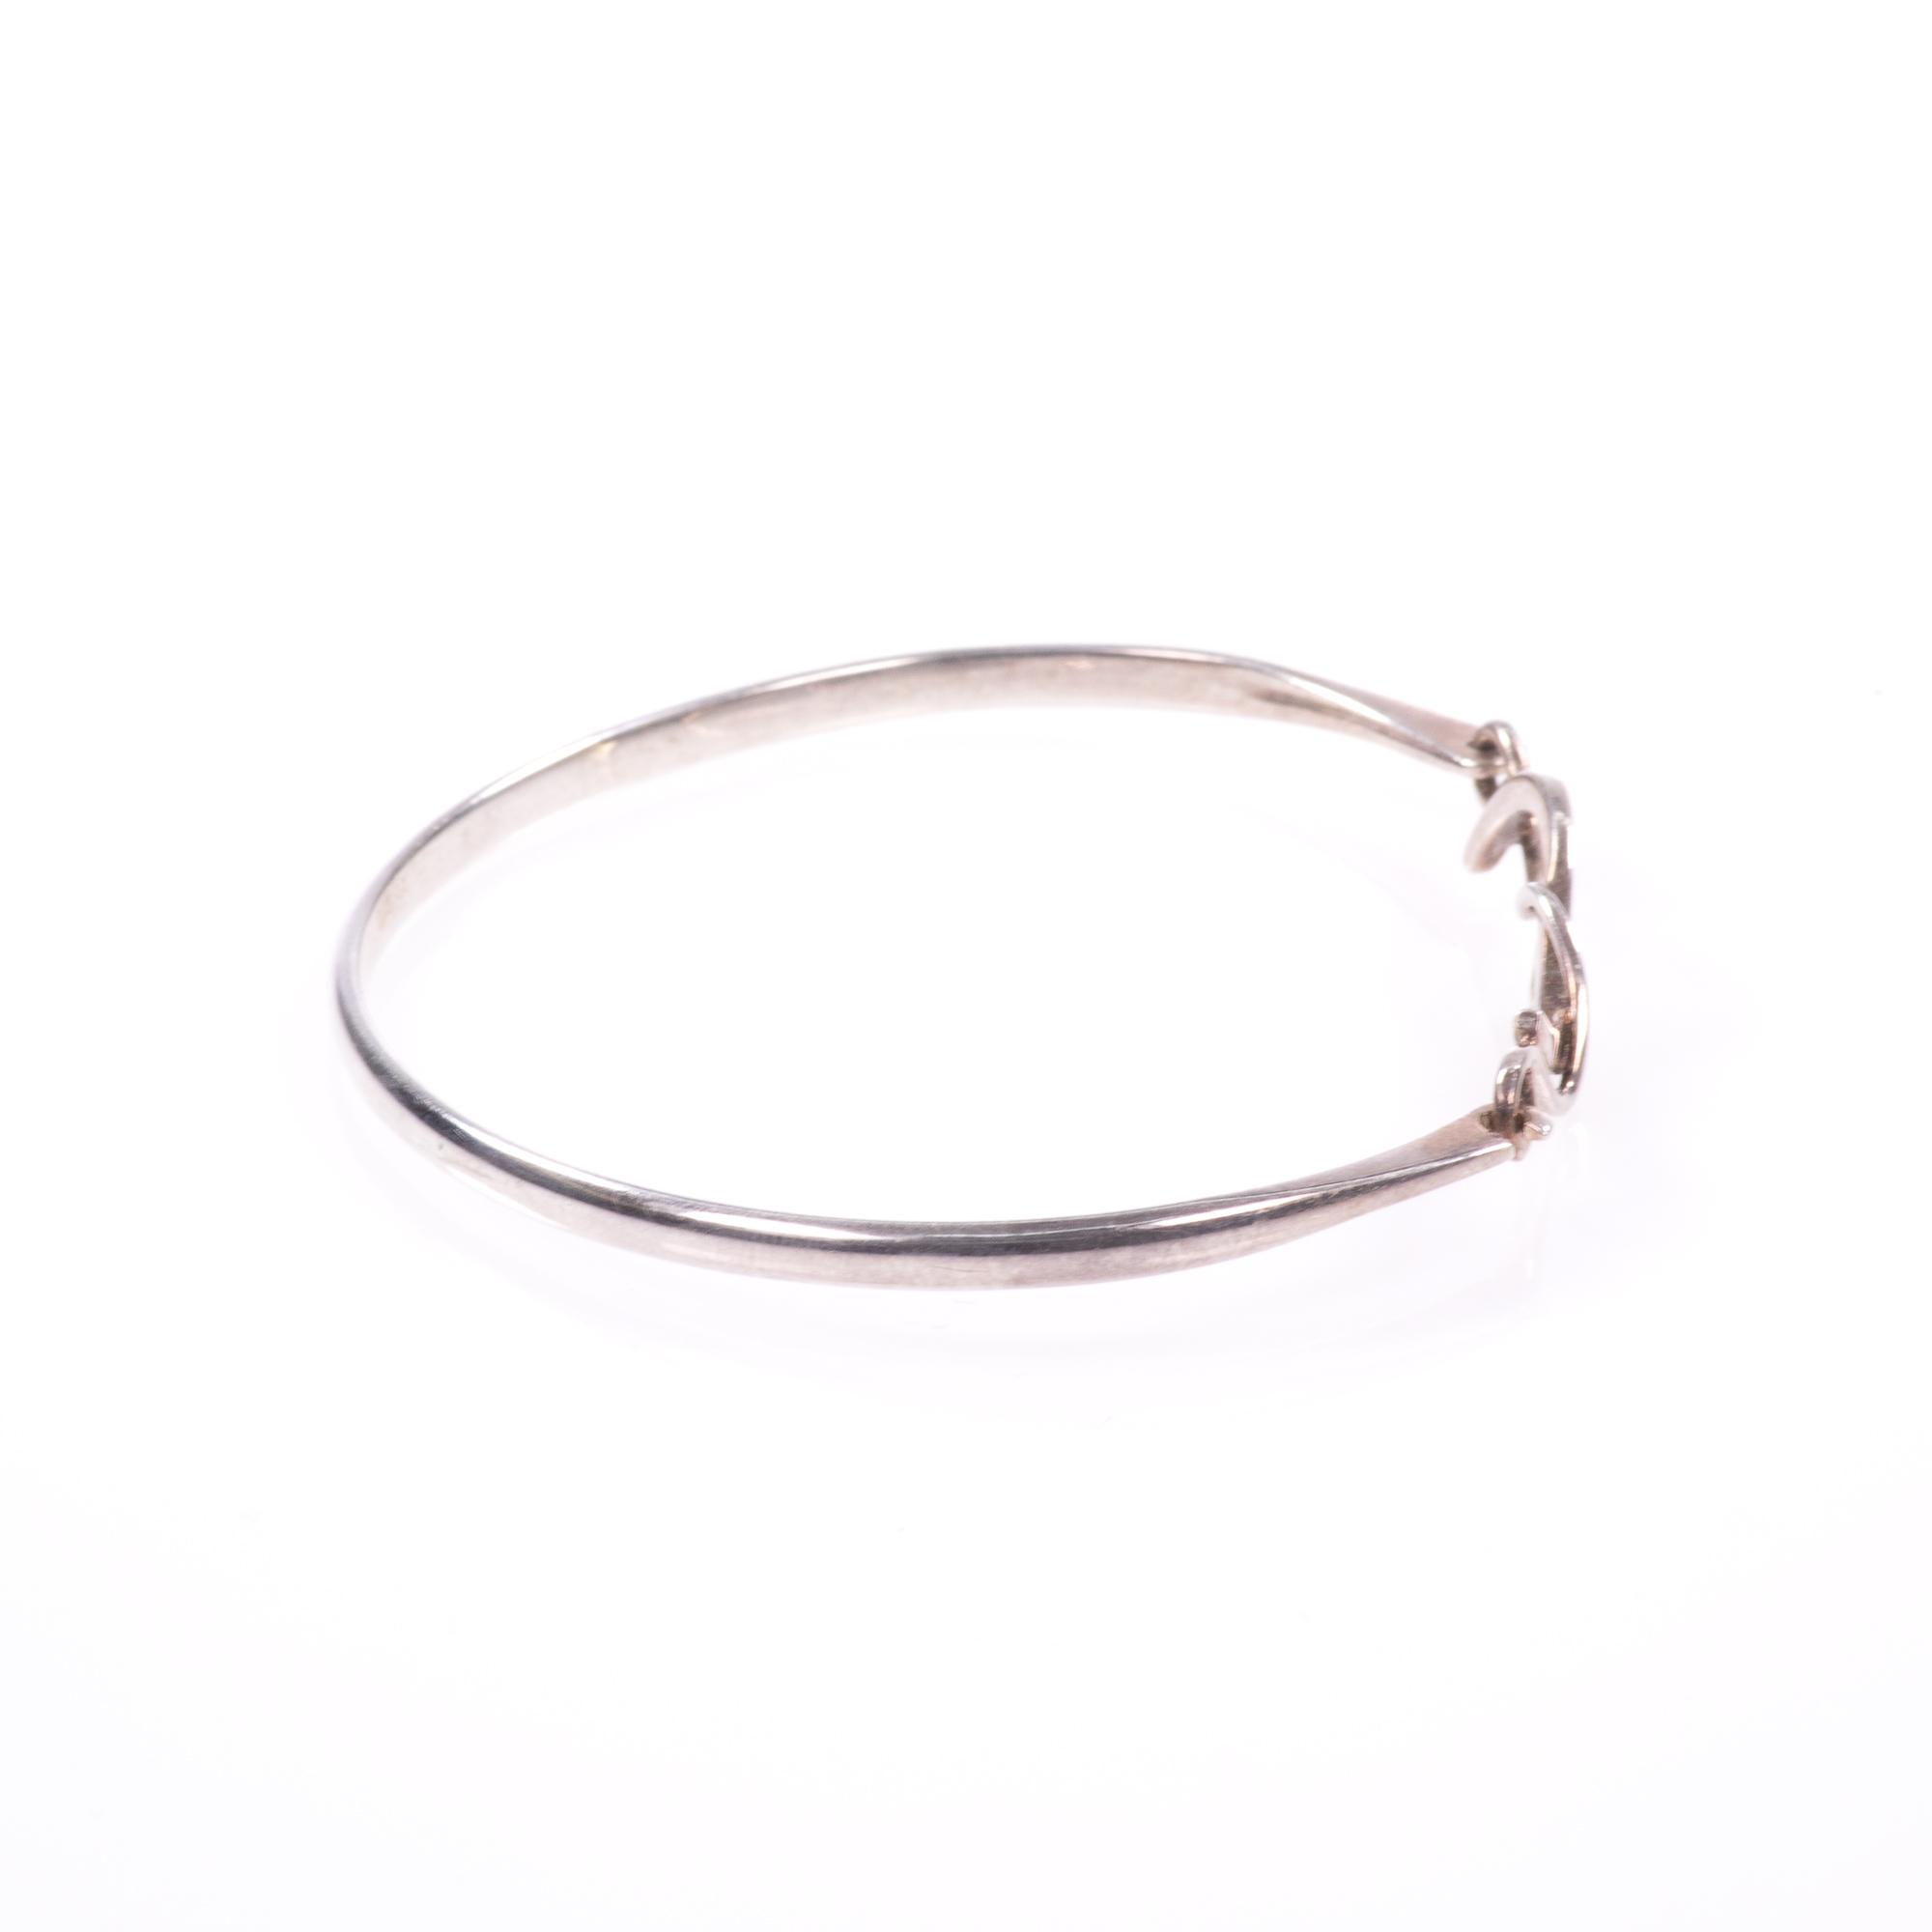 Silver Abstarct Modernist Bangle Bracelet - Image 7 of 9